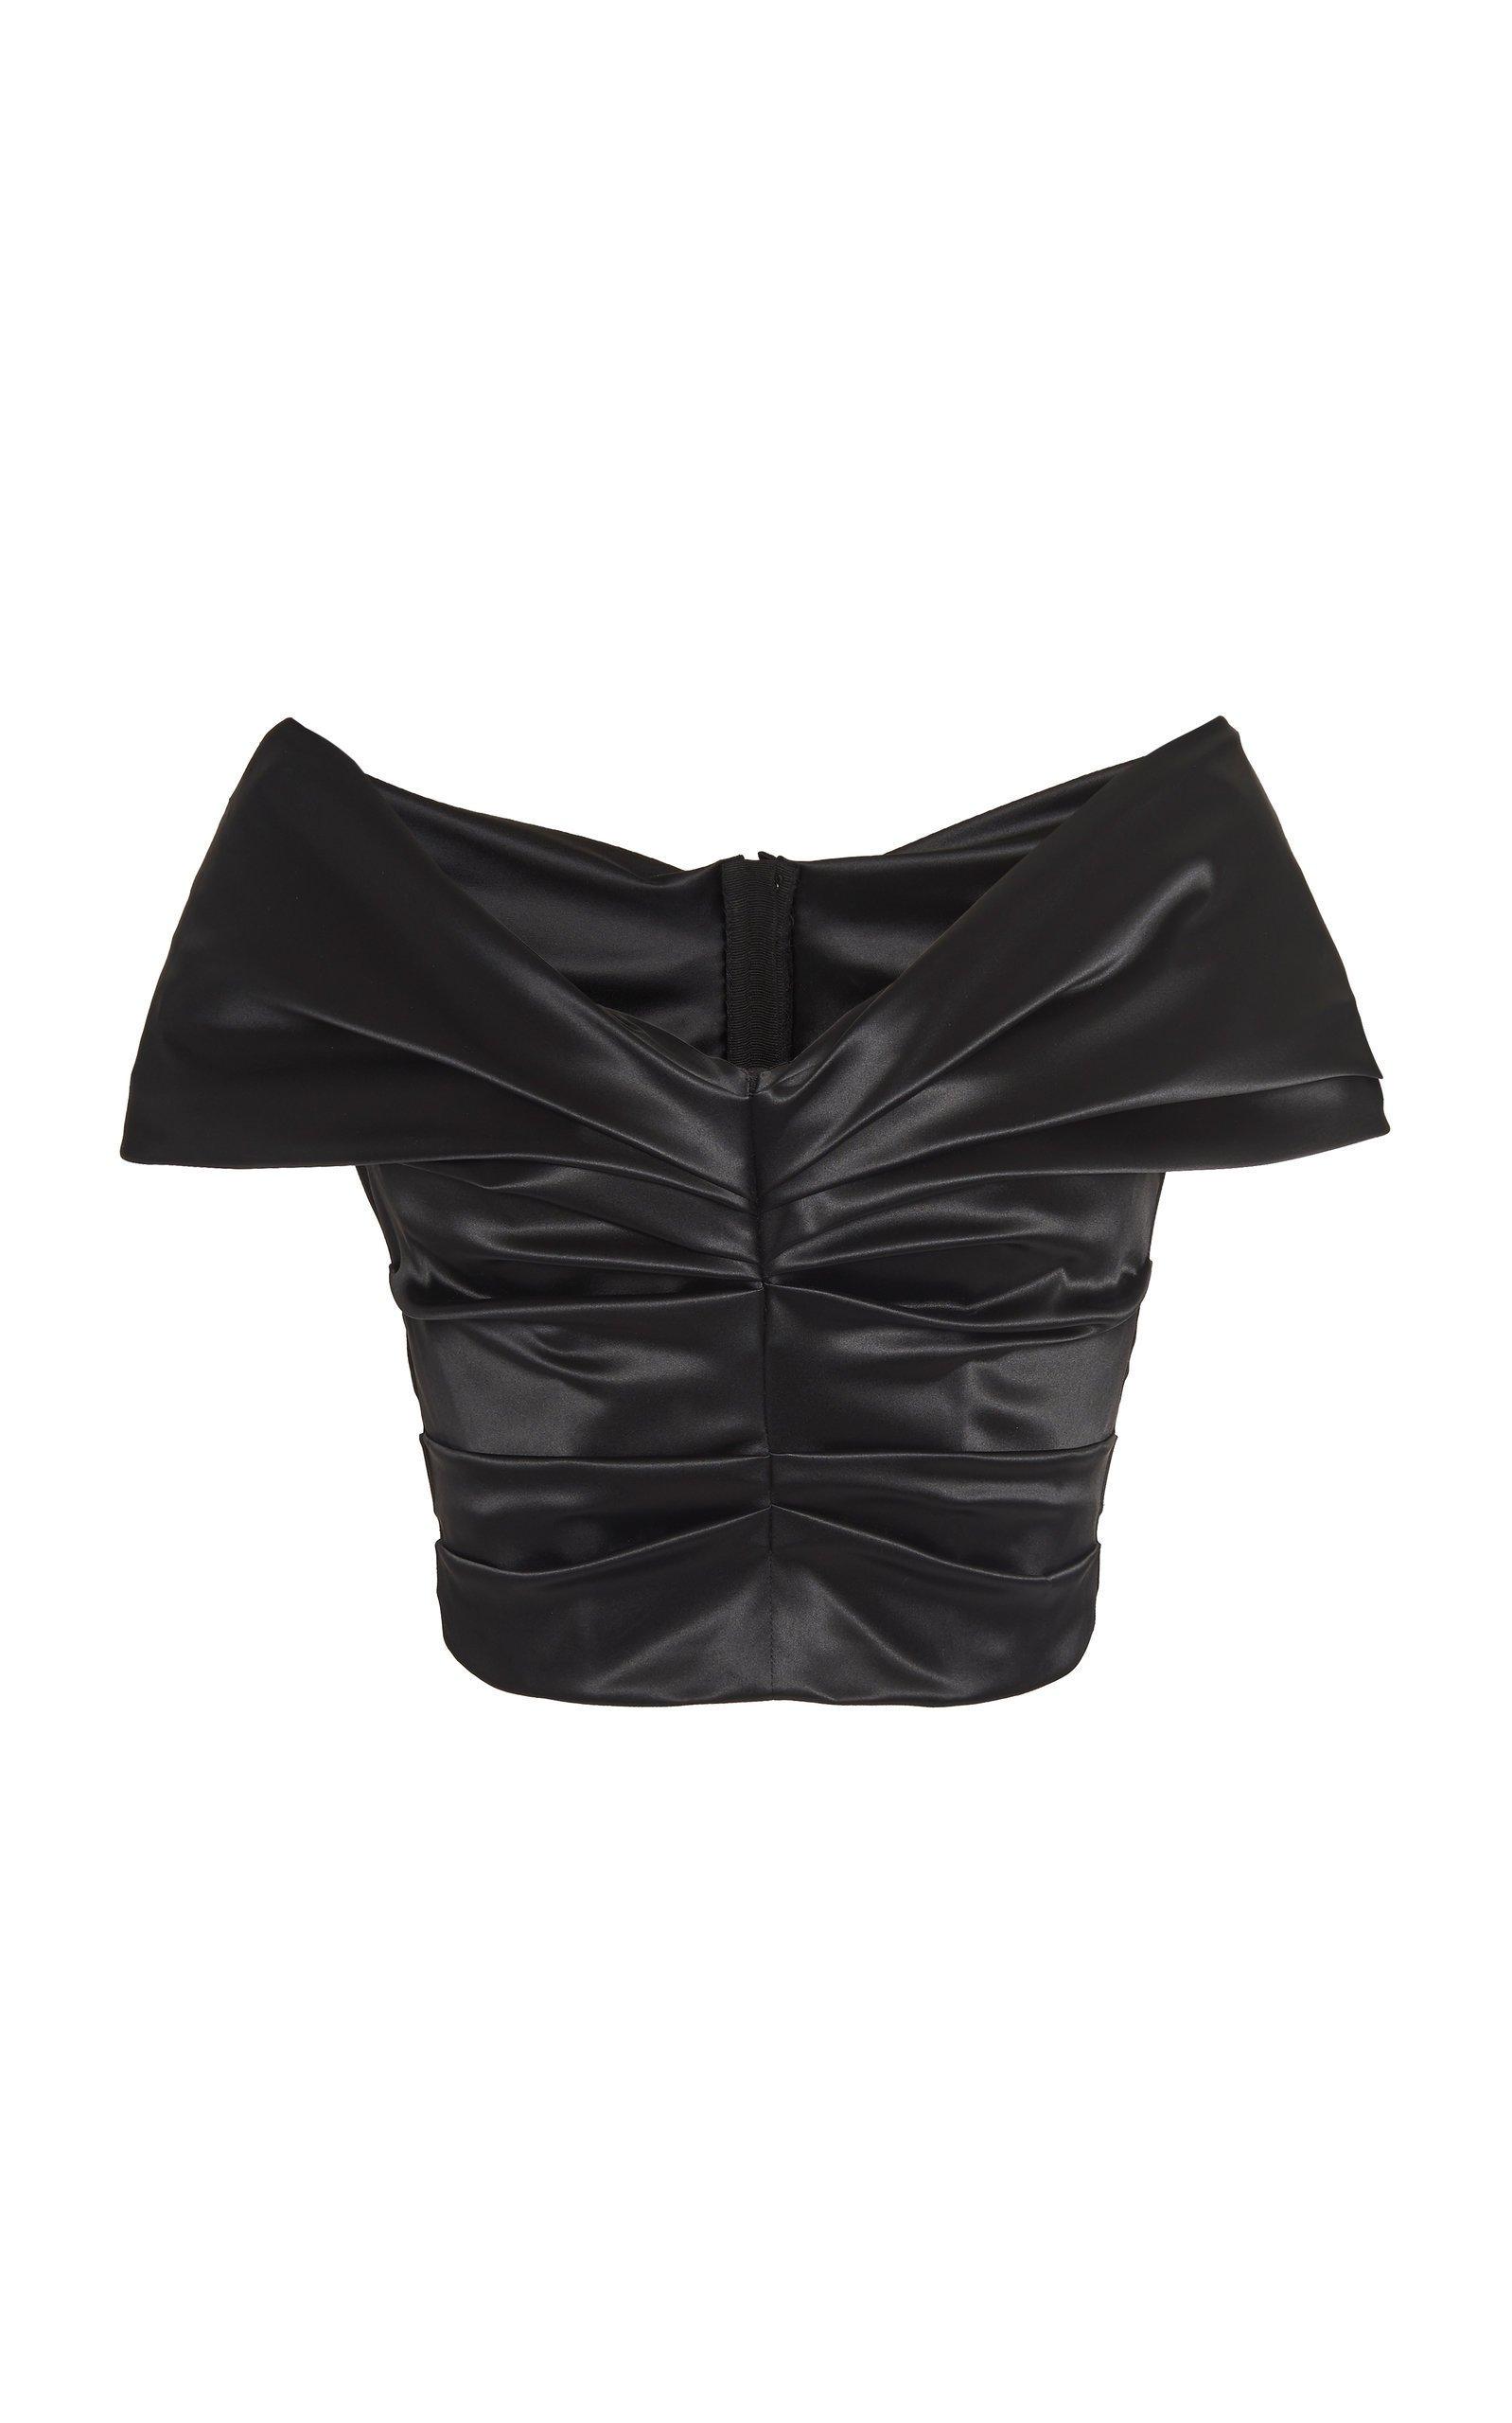 large_dolce-gabbana-black-stretch-satin-off-shoulder-top.jpg (1598×2560)